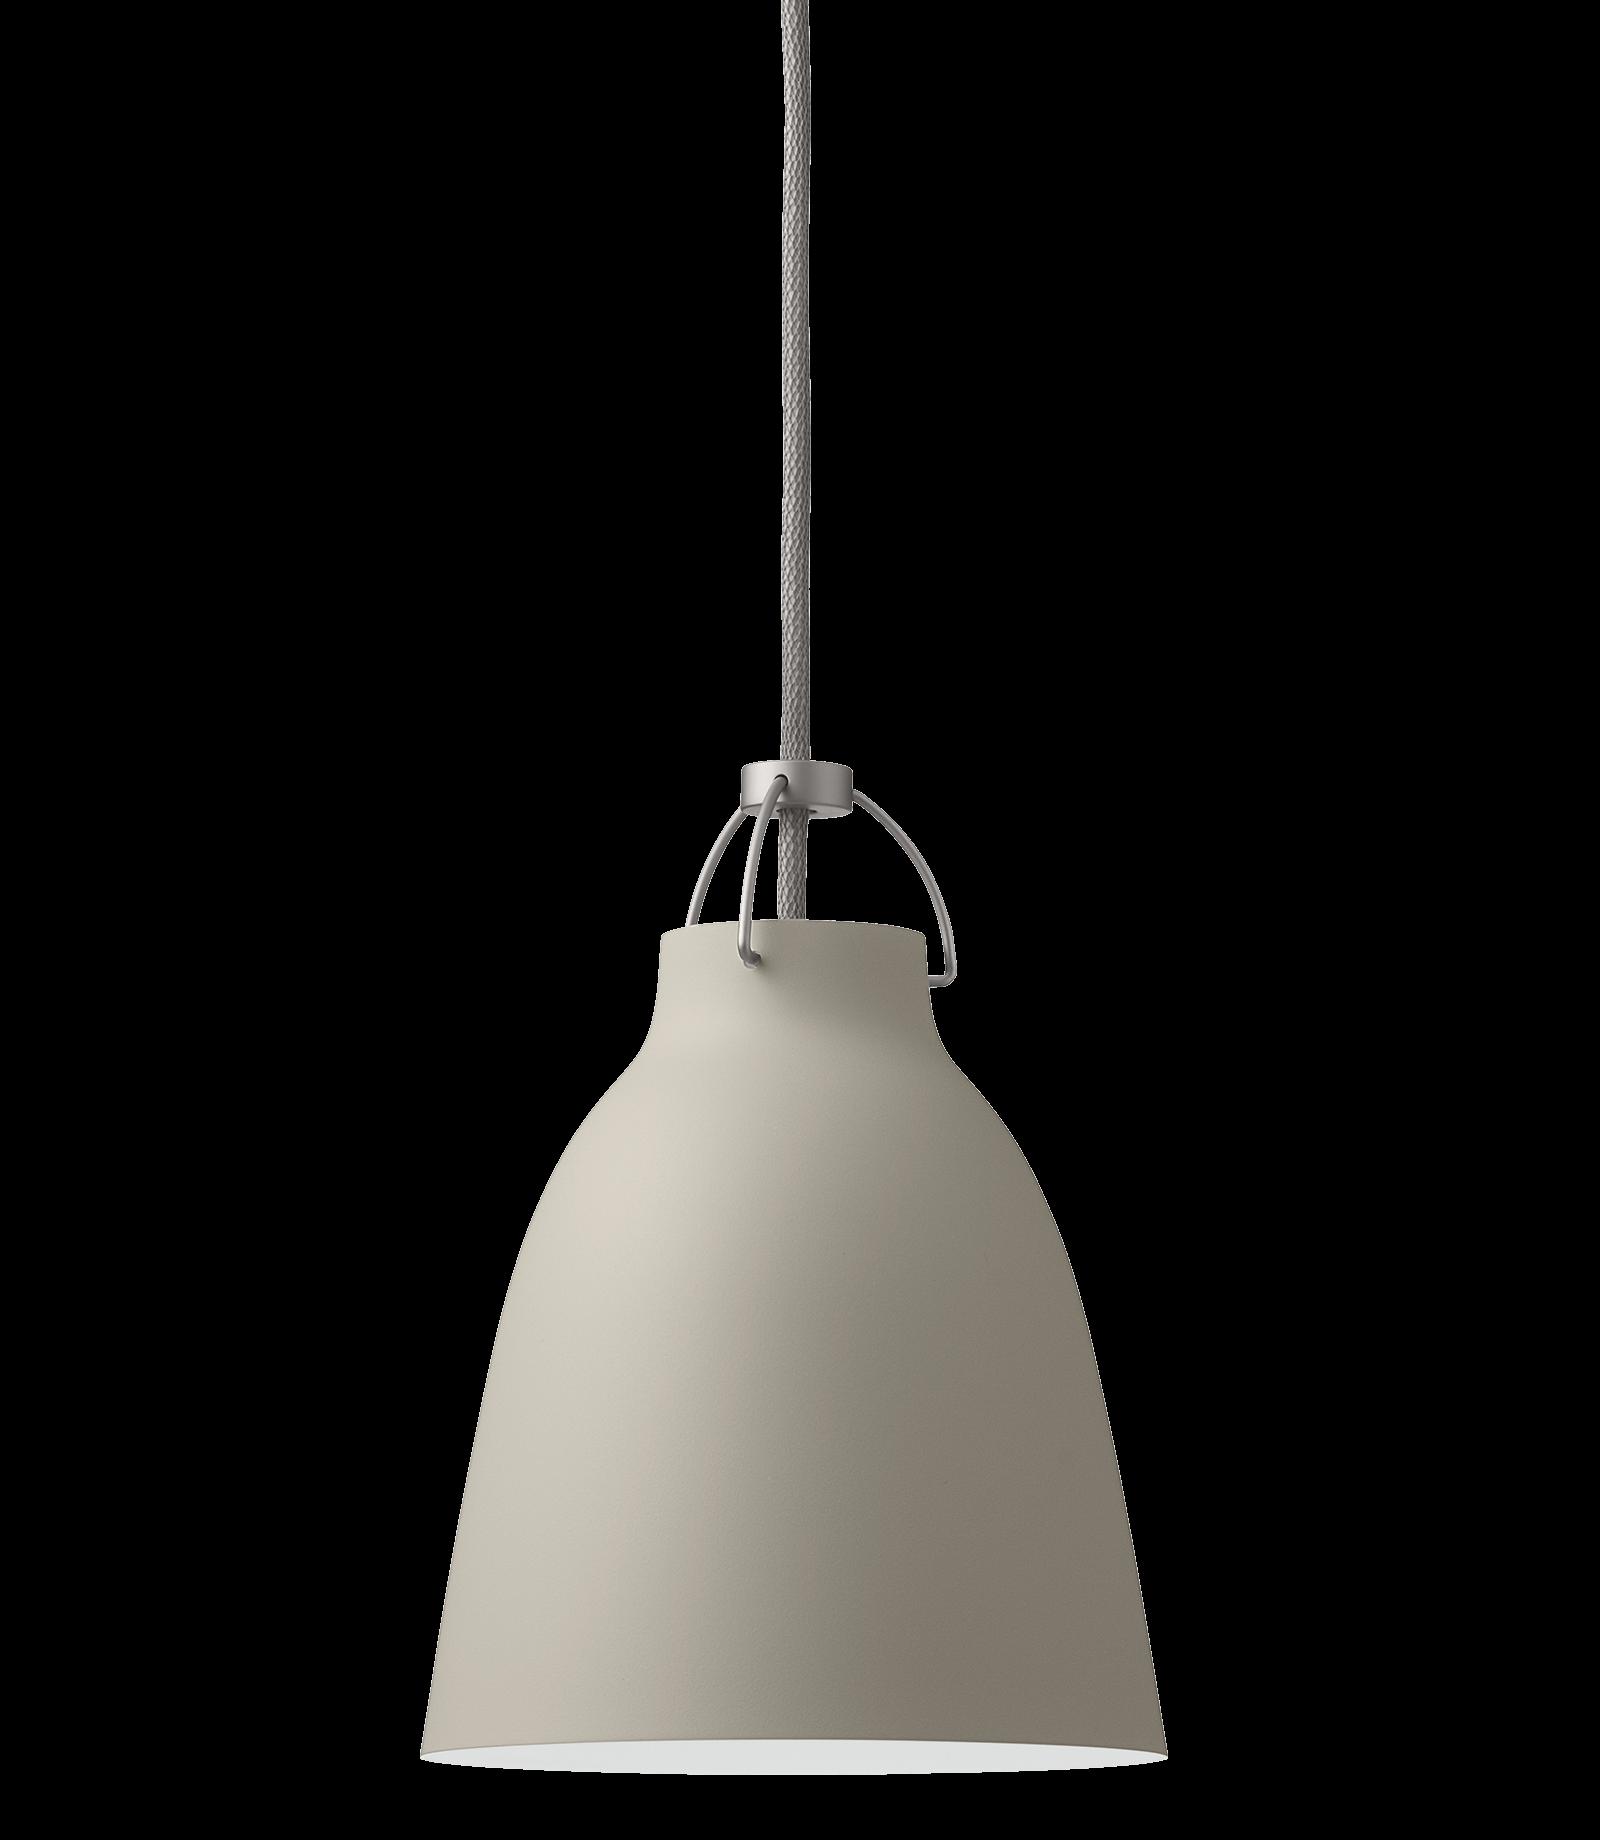 FRITZHANSEN(フリッツハンセン) CARAVAGGIO(カラヴァッジオ) P1:直径165mm  ペンダントランプ(コード 1.5m)